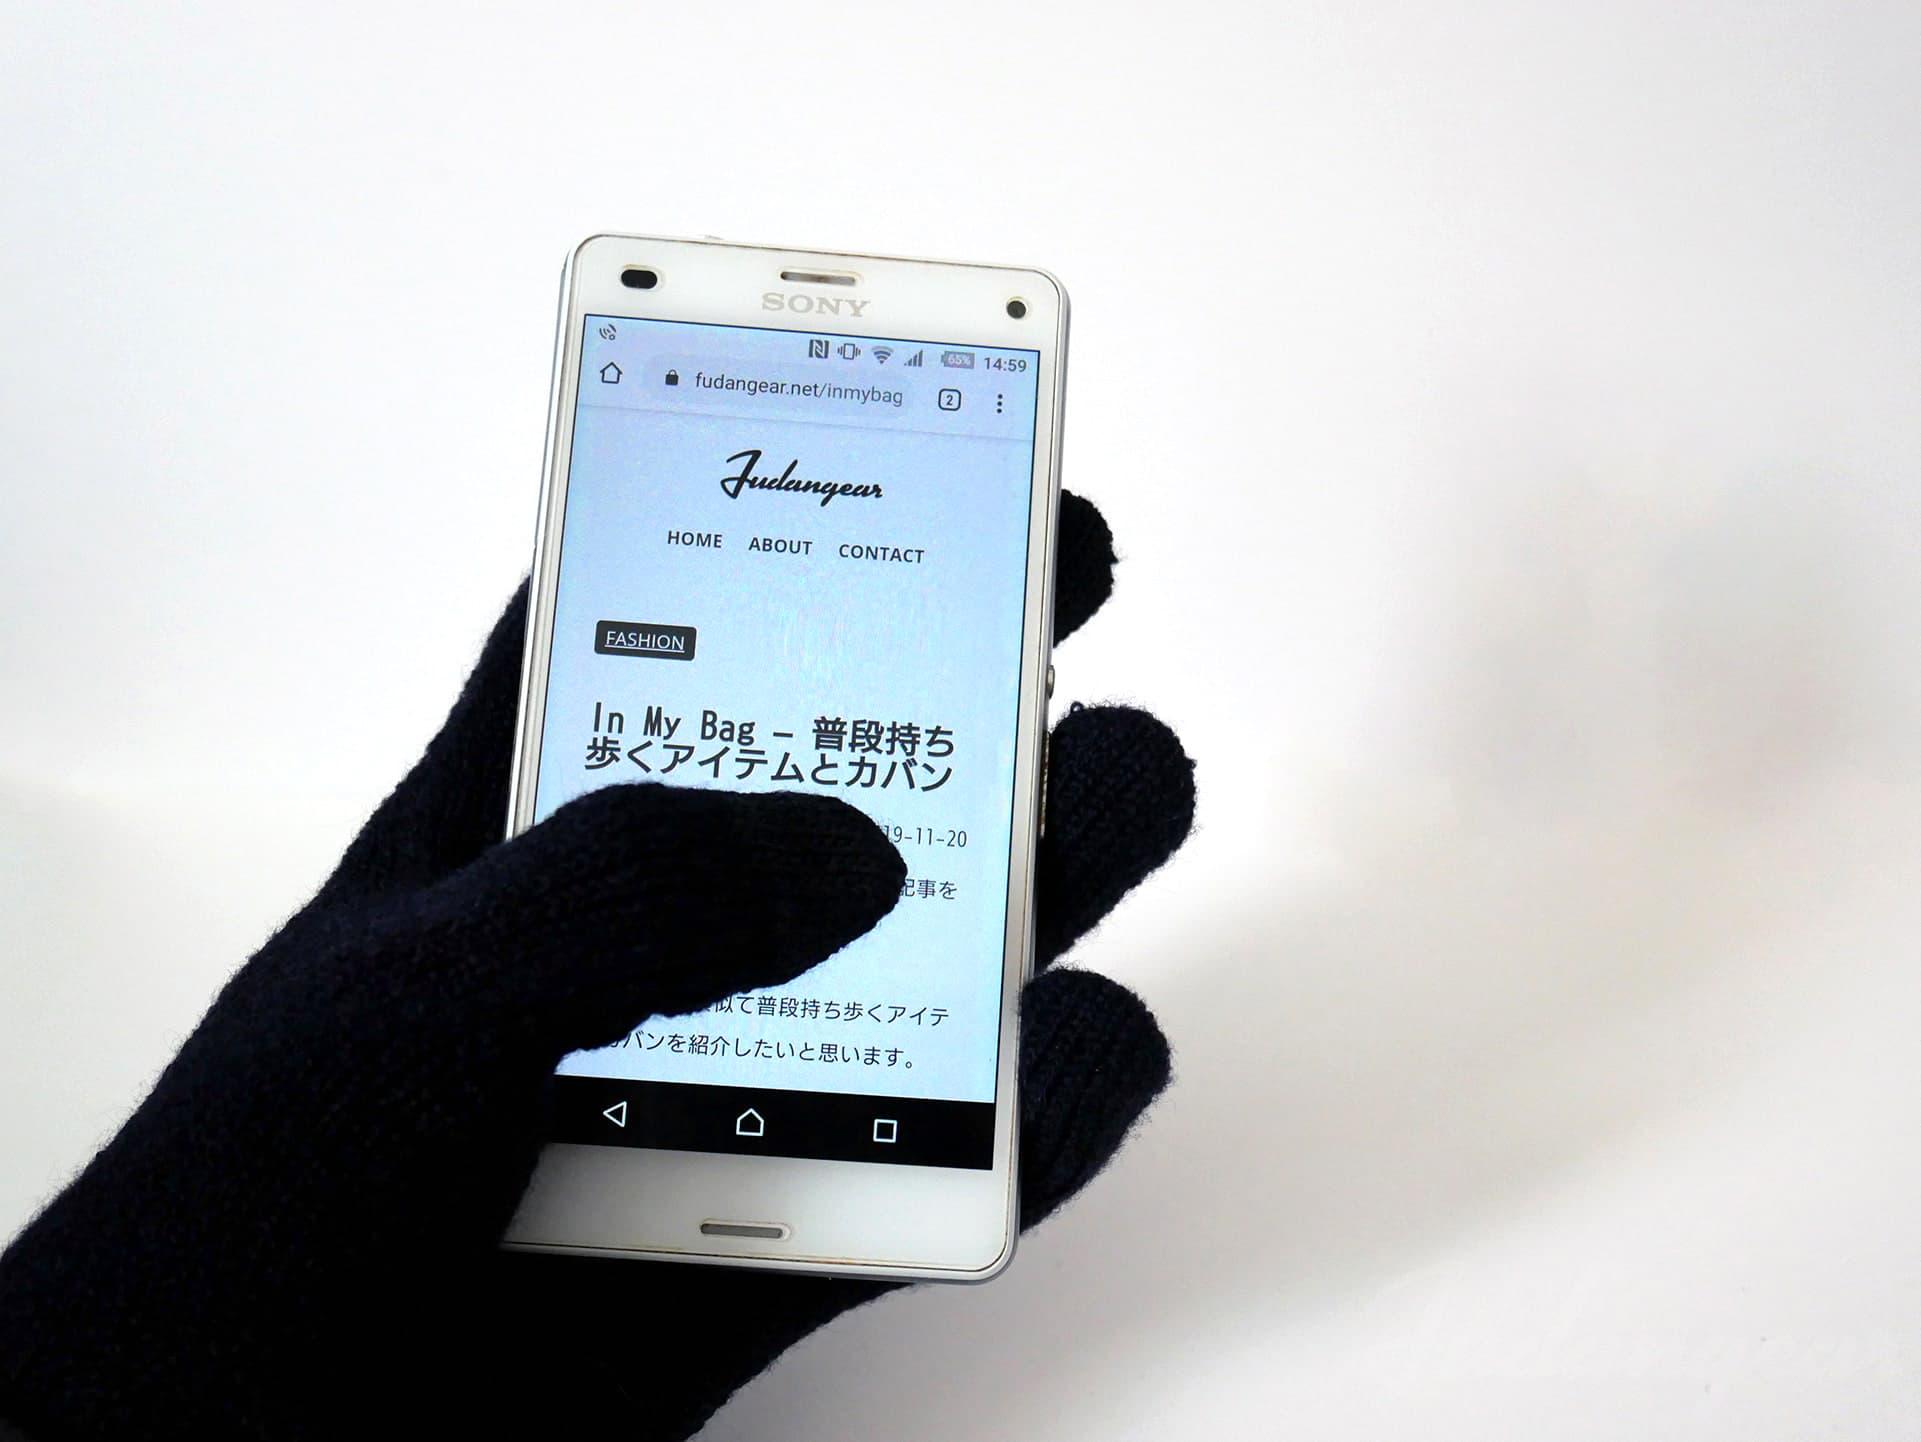 ウール混裏起毛タッチパネル手袋でスマホ画面を操作している写真